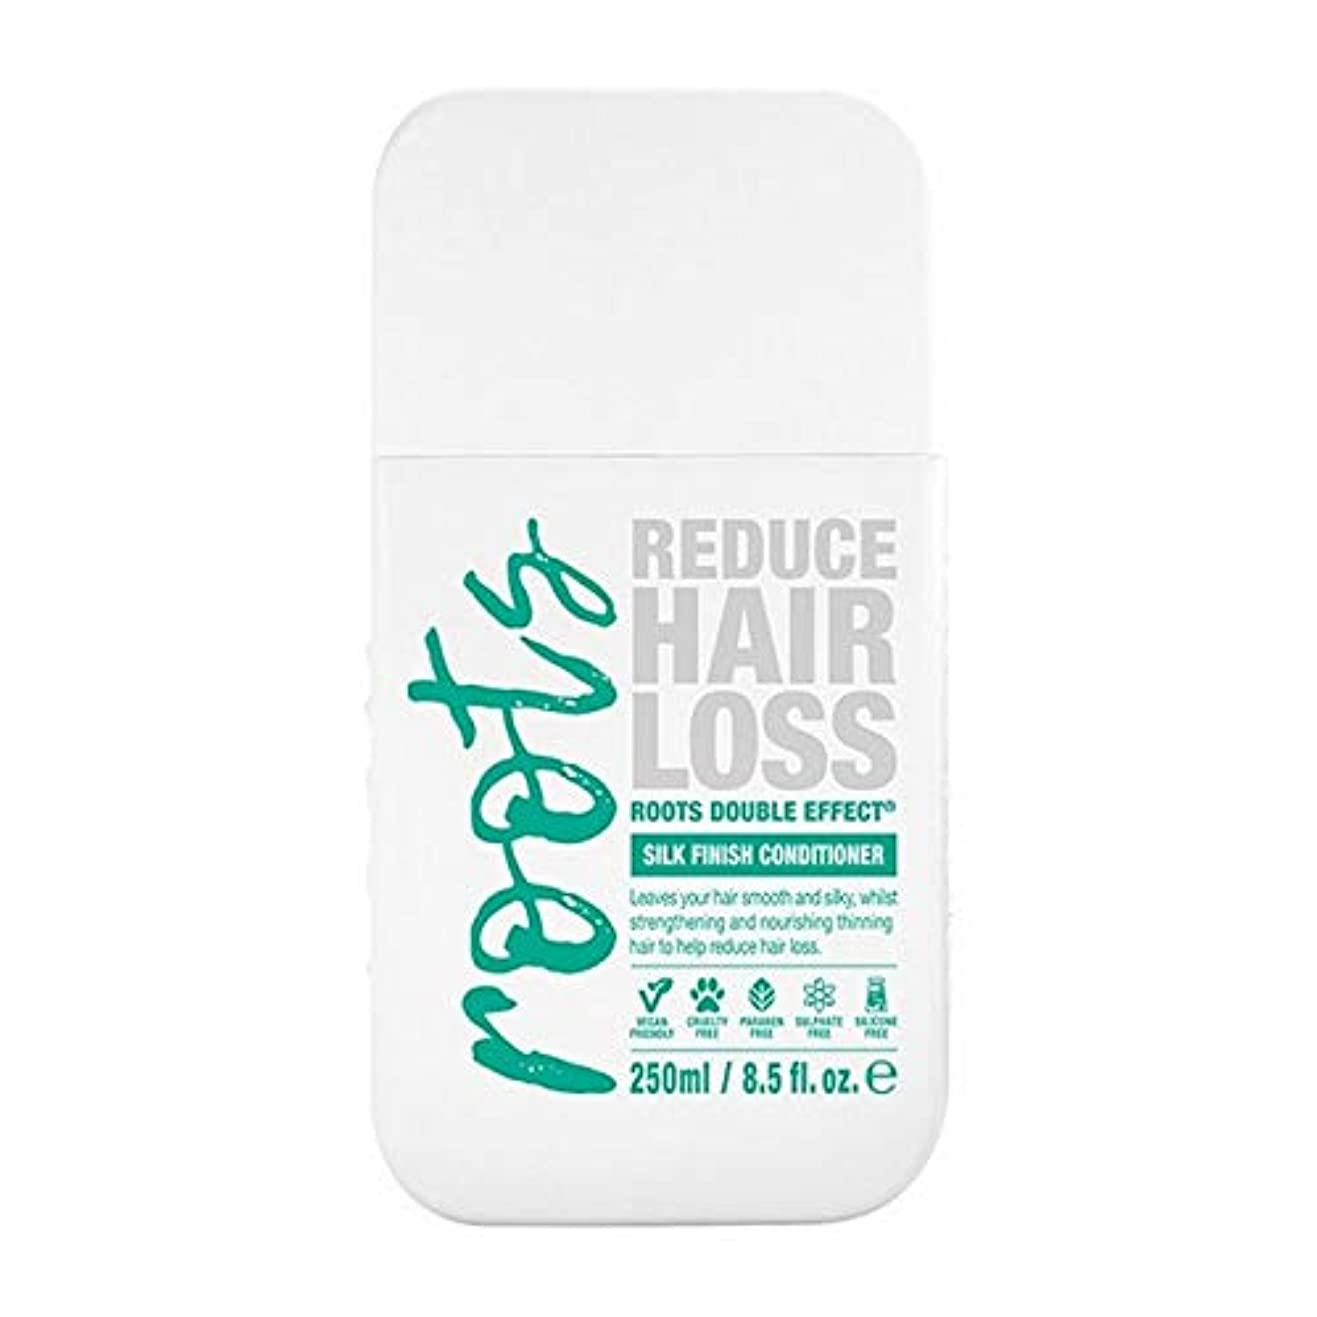 マントルバング心理的[Roots ] 根のダブル効果育毛シャンプー250Ml - Roots Double Effect Hair Growth Conditioner 250ml [並行輸入品]